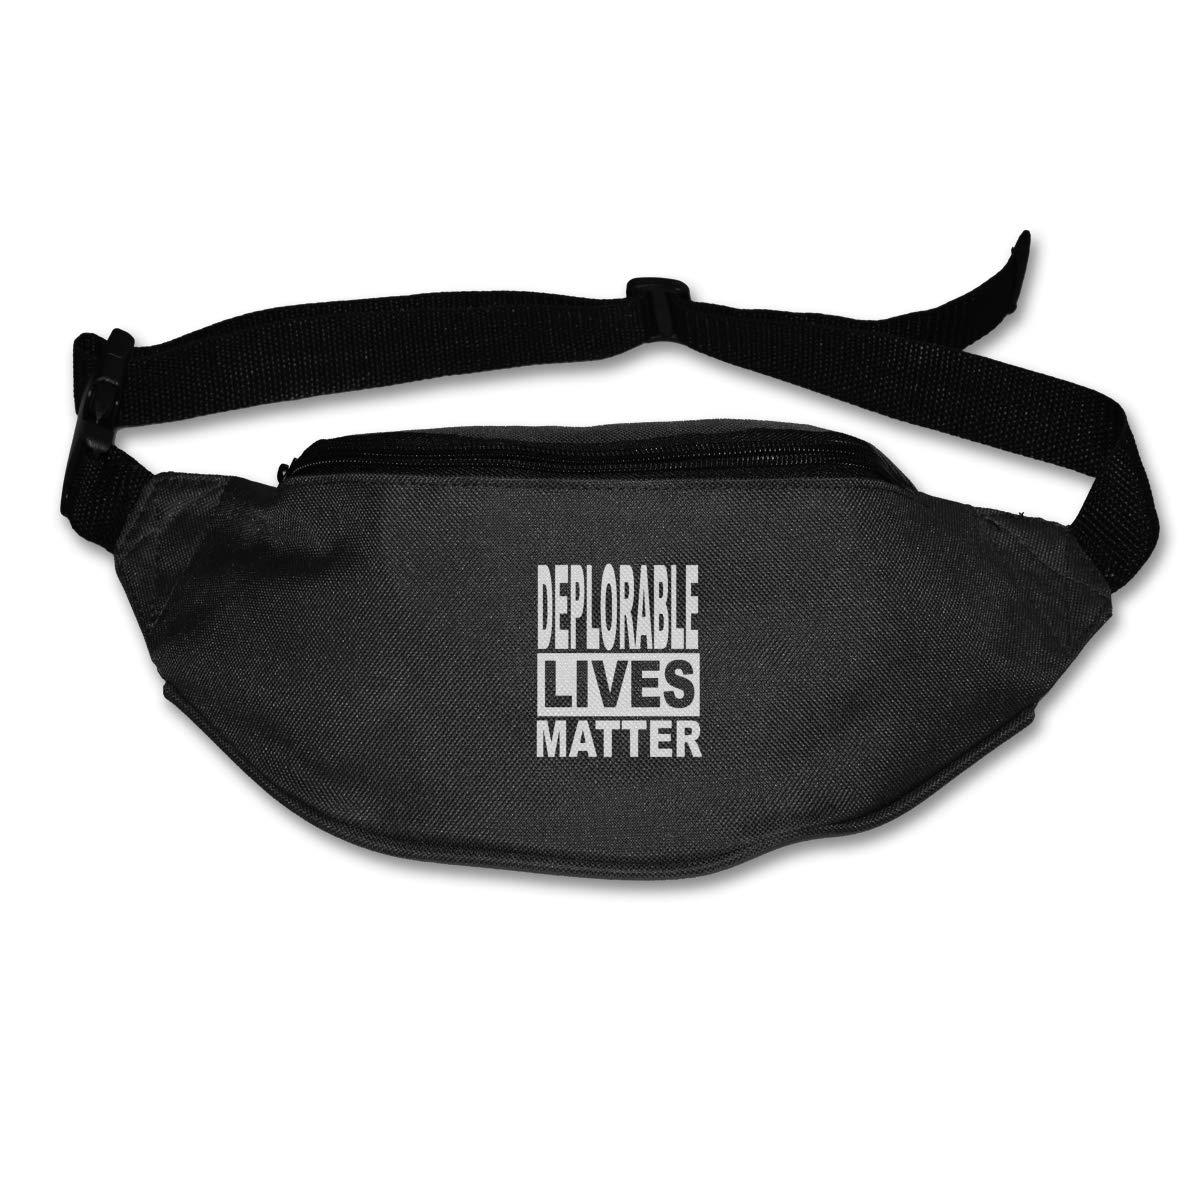 Deplorable Lives Matter Sport Waist Packs Fanny Pack Adjustable For Travel